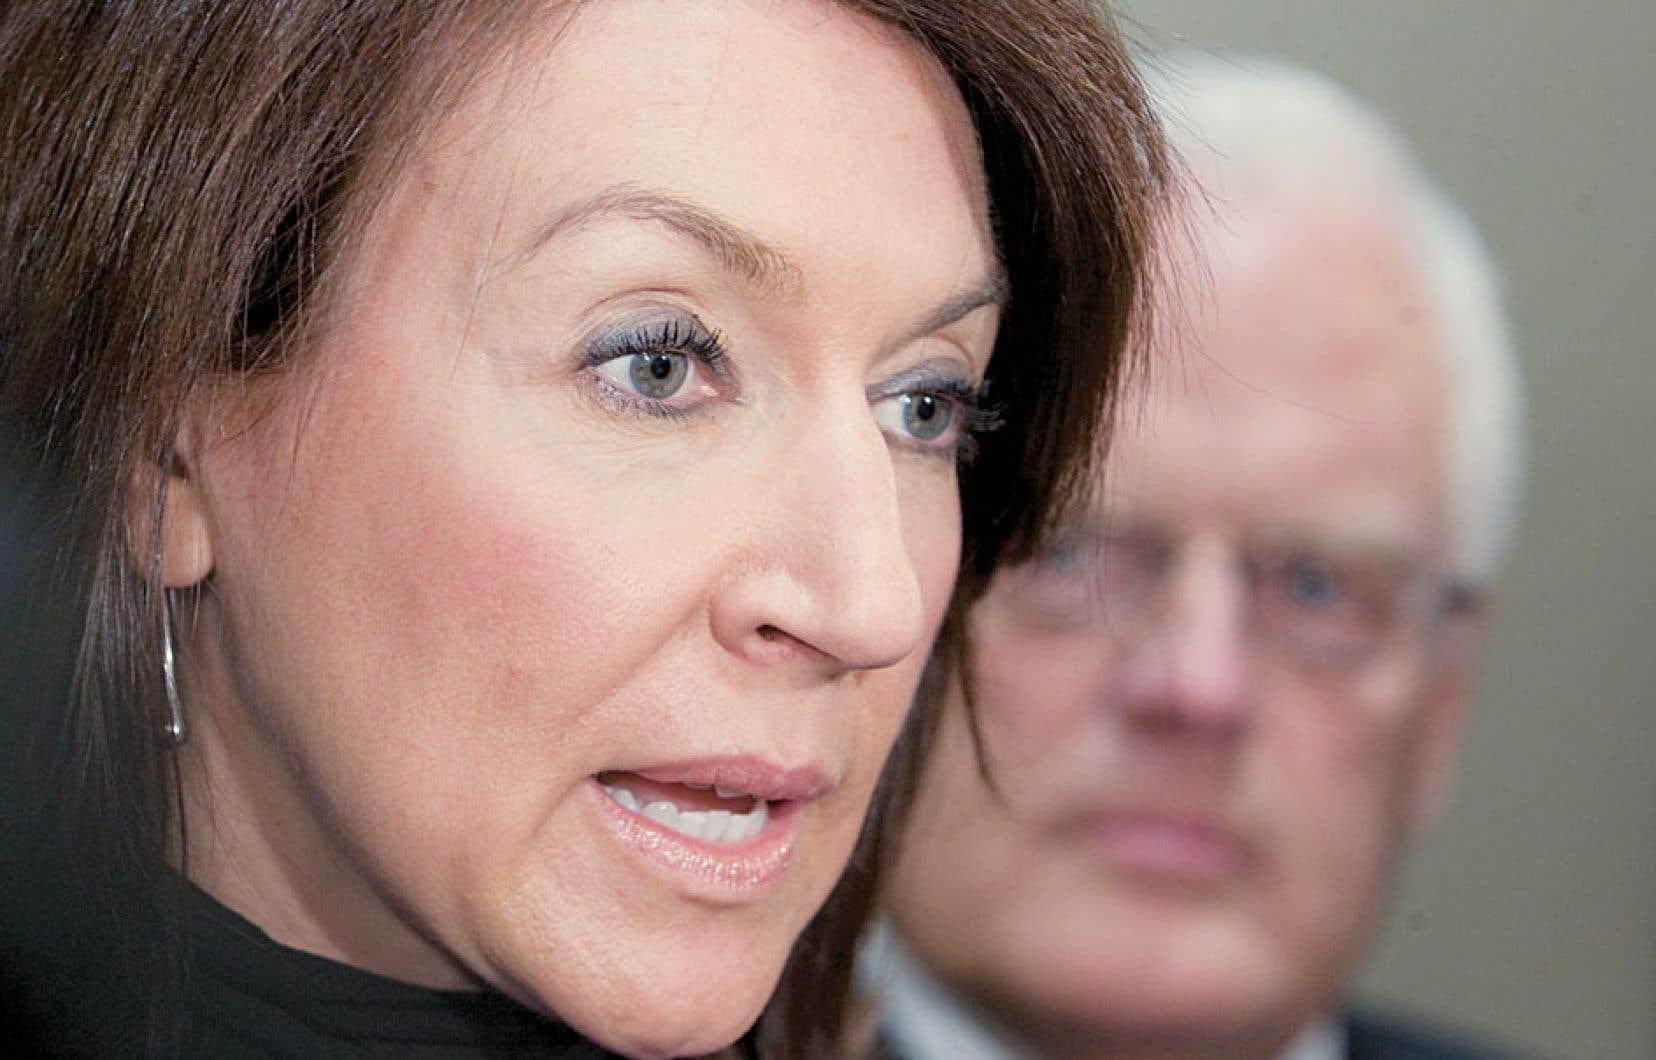 Nathalie Normandeau était l'invitée d'honneur d'un cocktail de financement au restaurant Louis-Hébert, à Québec, qui aurait été entaché d'actes criminels.